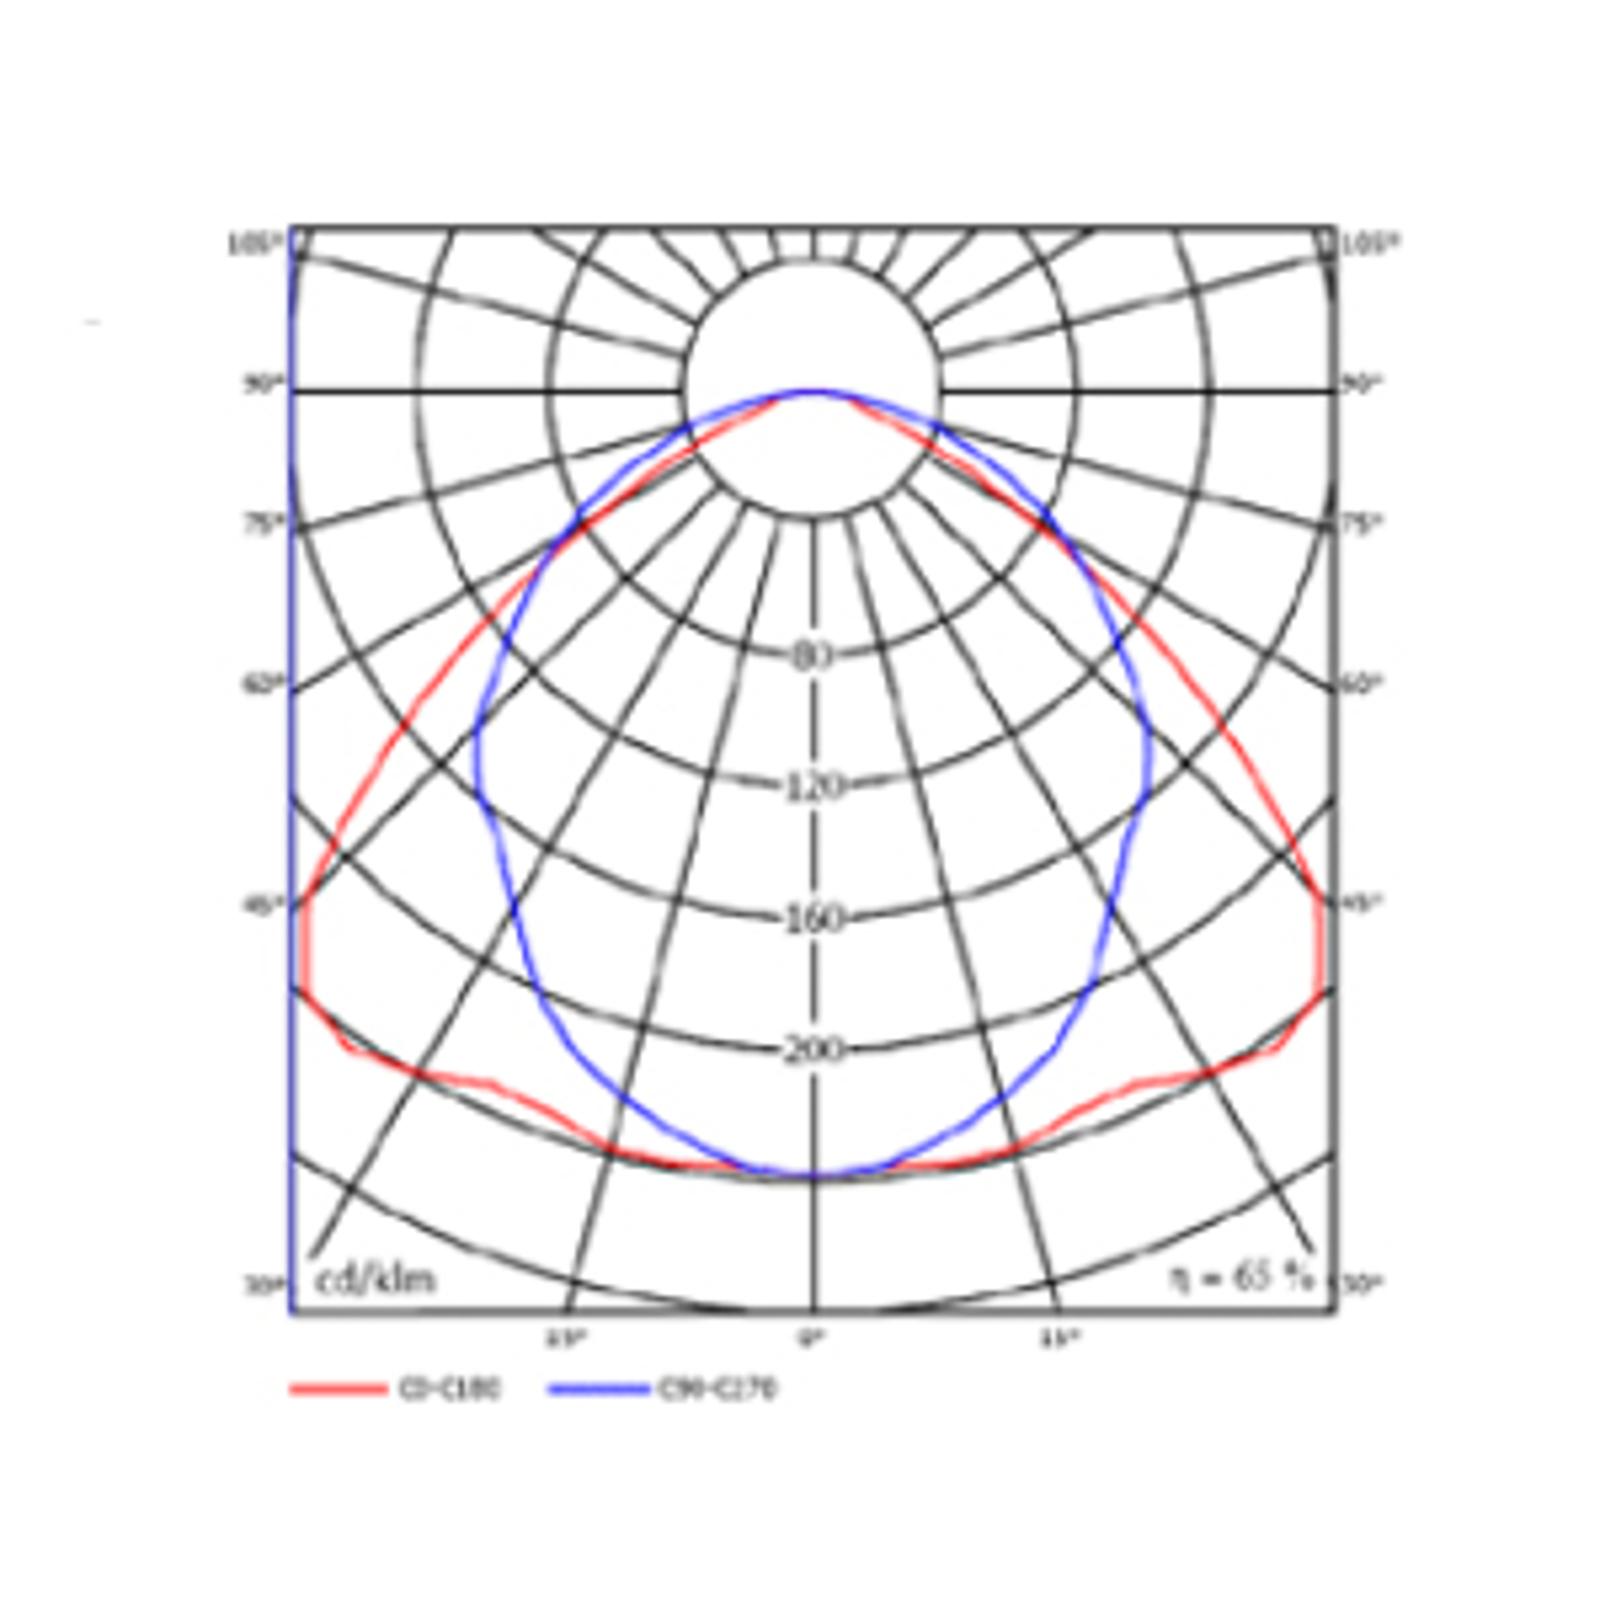 Fladt gitter påbygningsarmatur T8 BAP 58 W 2 lys